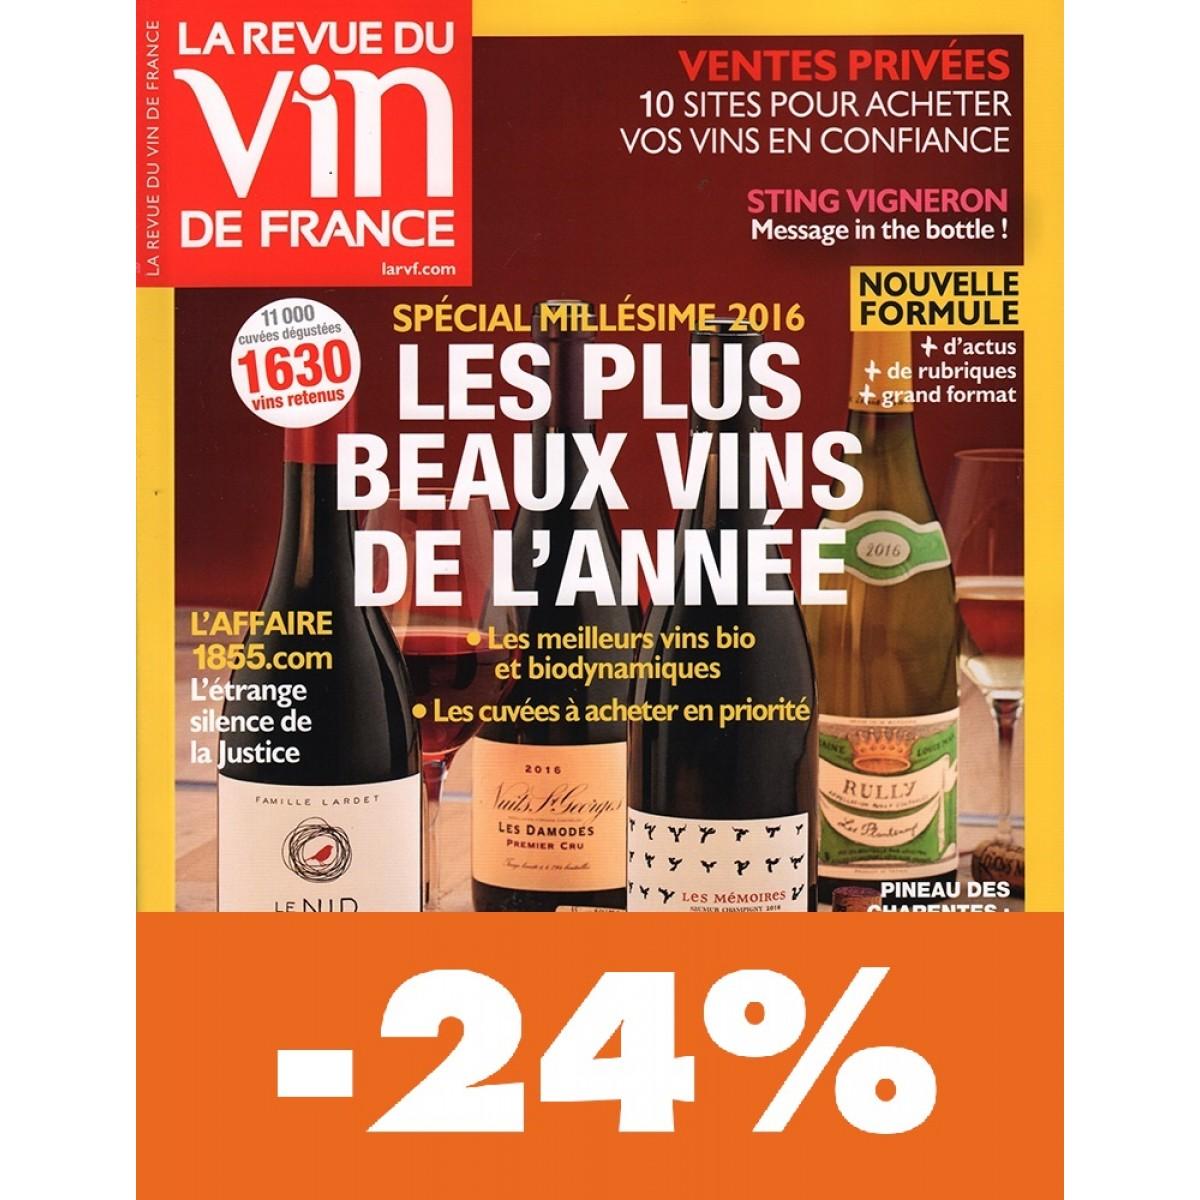 Abonnement la revue du vin de france pas cher mag24 for Revue vin de france